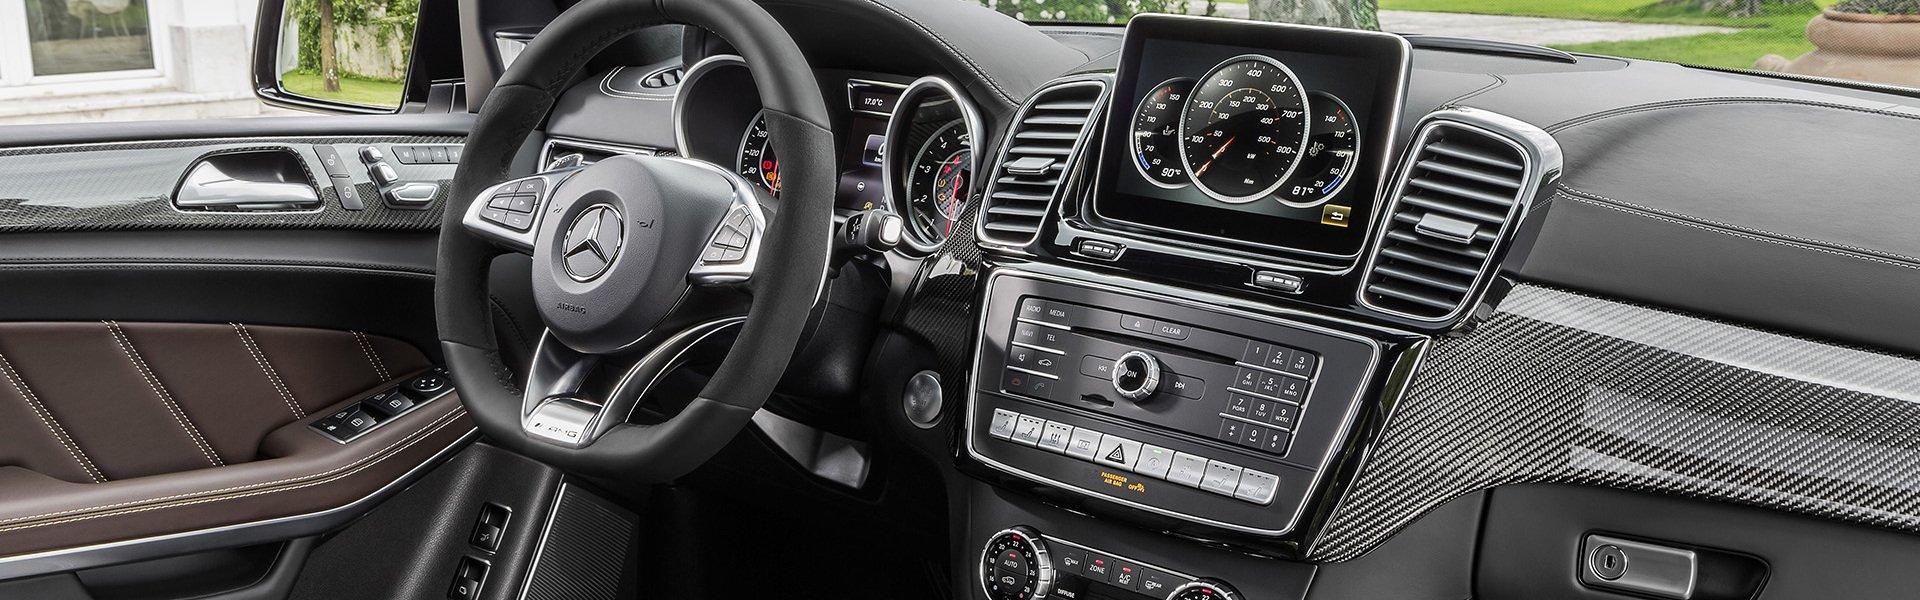 Mercedes-AMG GLS внедорожник